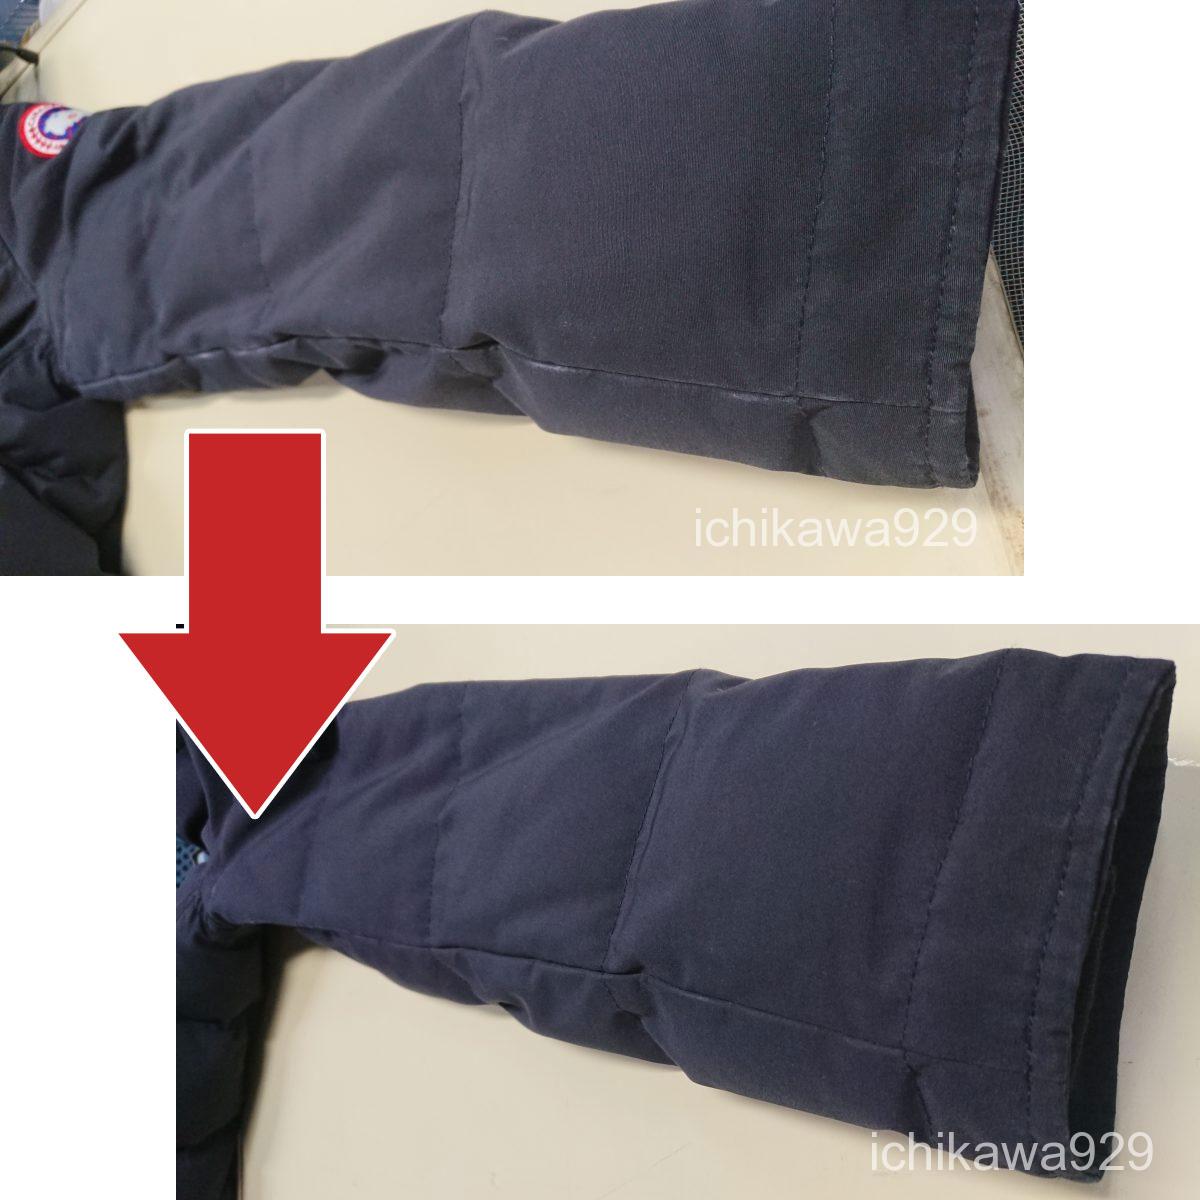 カナダグースのクリーニング 退色・色剝げ修復事例4